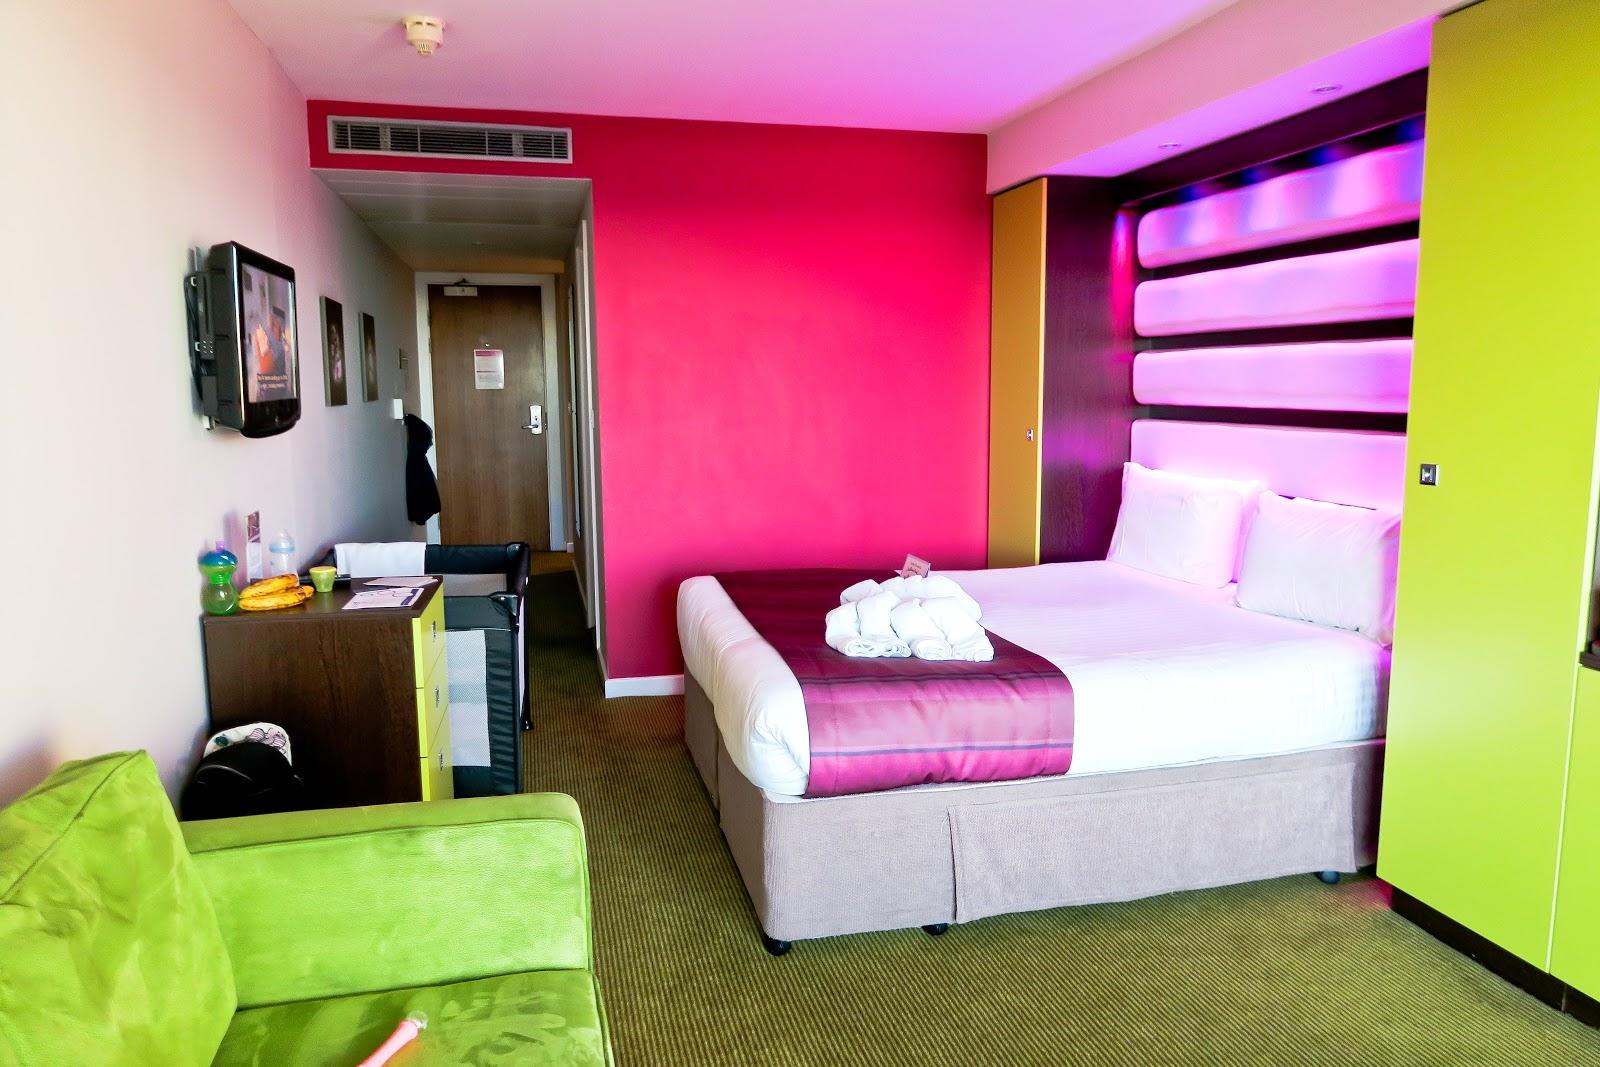 ocean hotel butlins, Butlins bognor regis just for tots review, butlins, butlins bognor regis, just for tots, uk holiday for kids under 5,